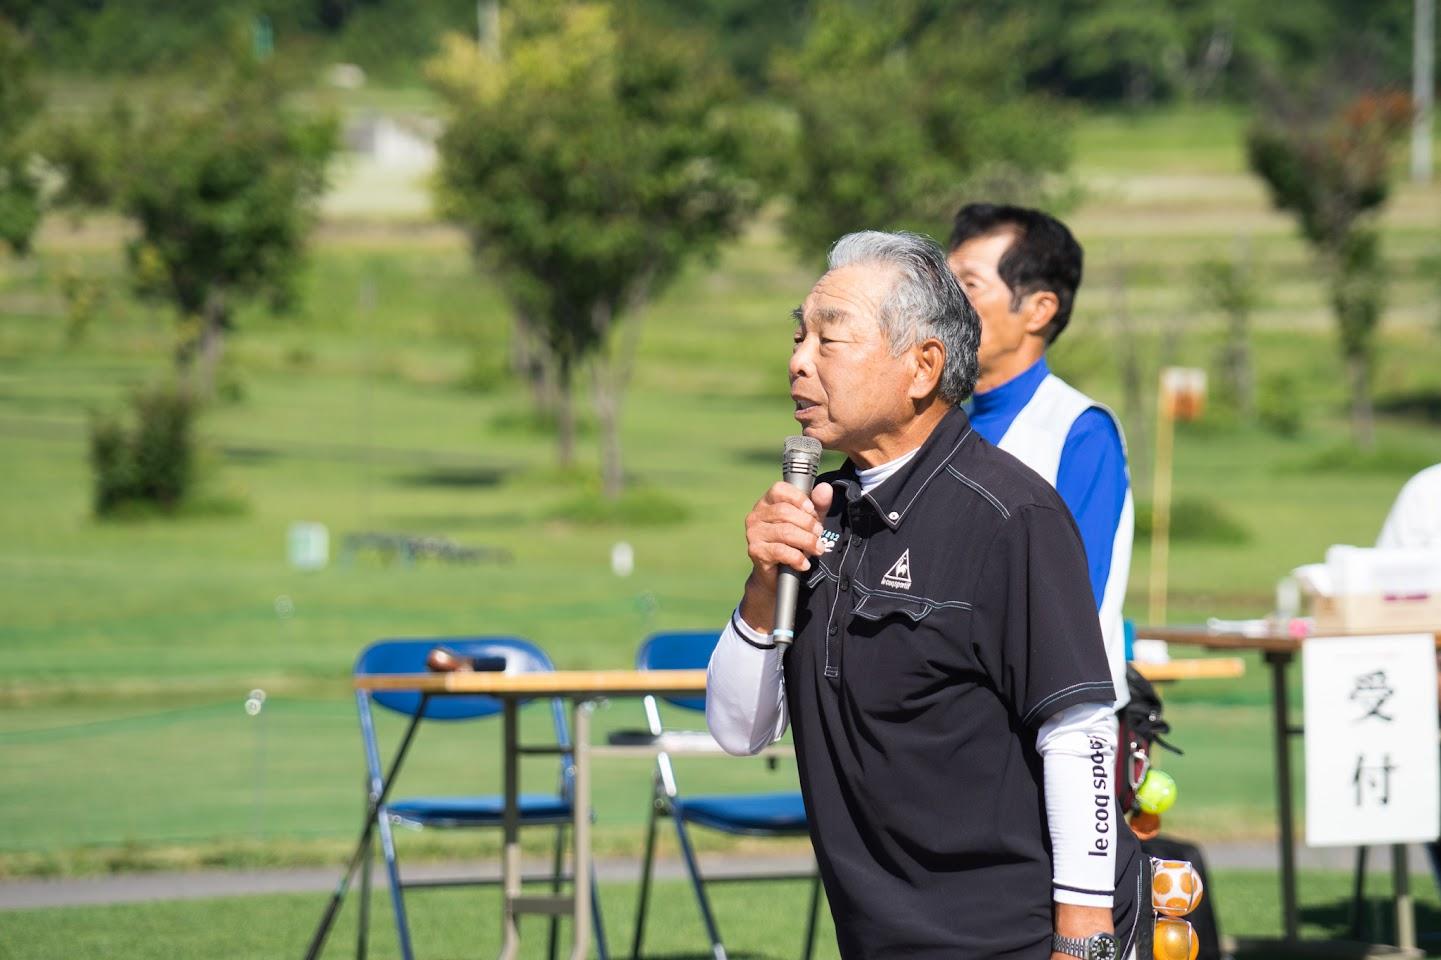 ひまわりパークゴルフ協会・田中盛亮 会長